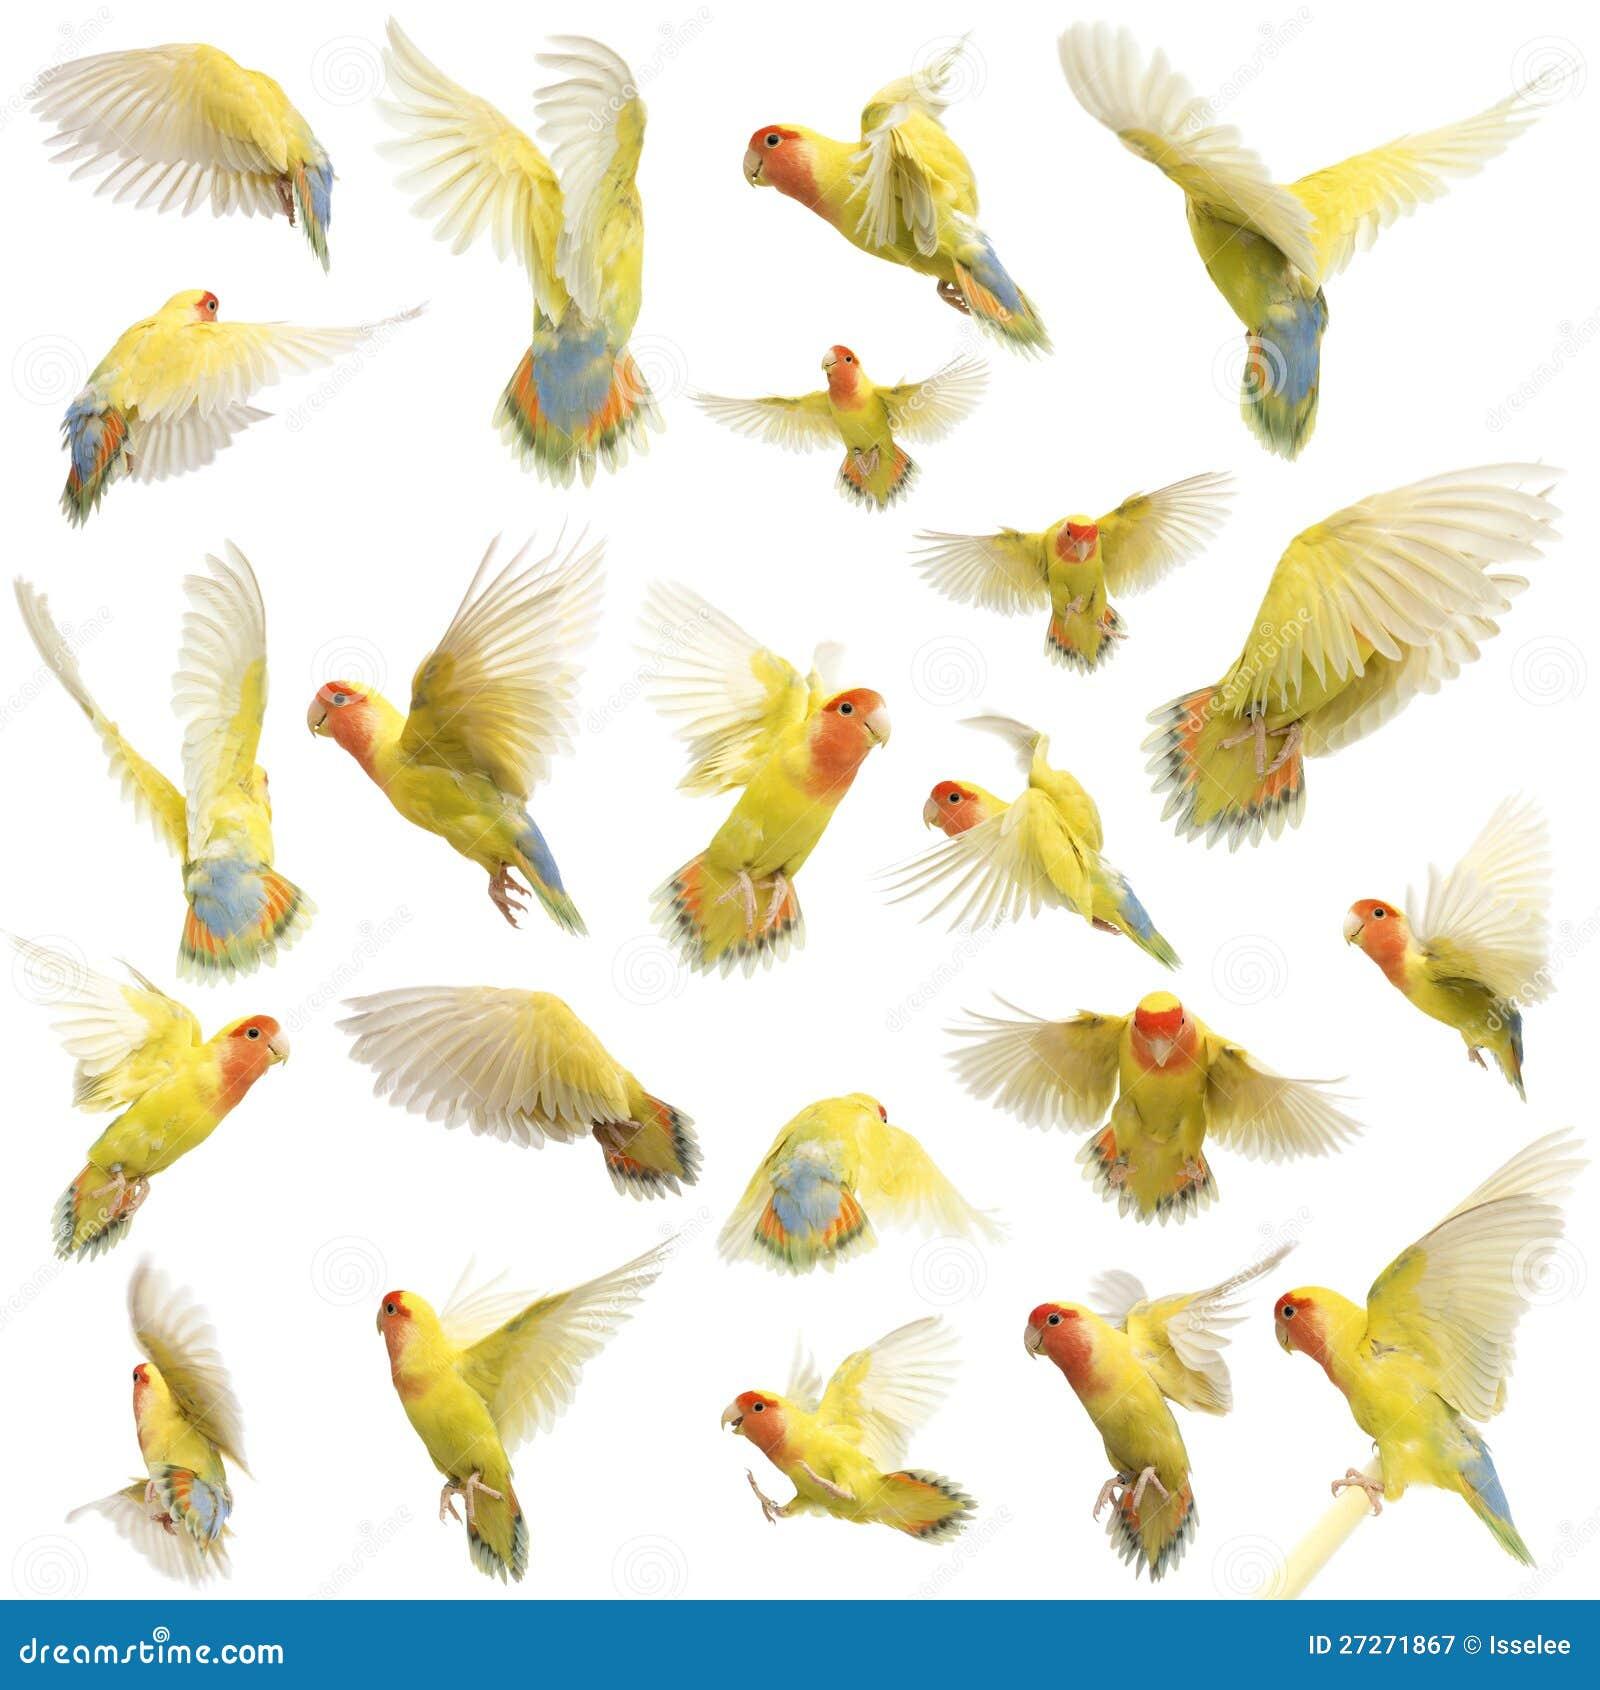 Σύνθεση του ροδοειδής-αντιμέτωπου πετάγματος Lovebird